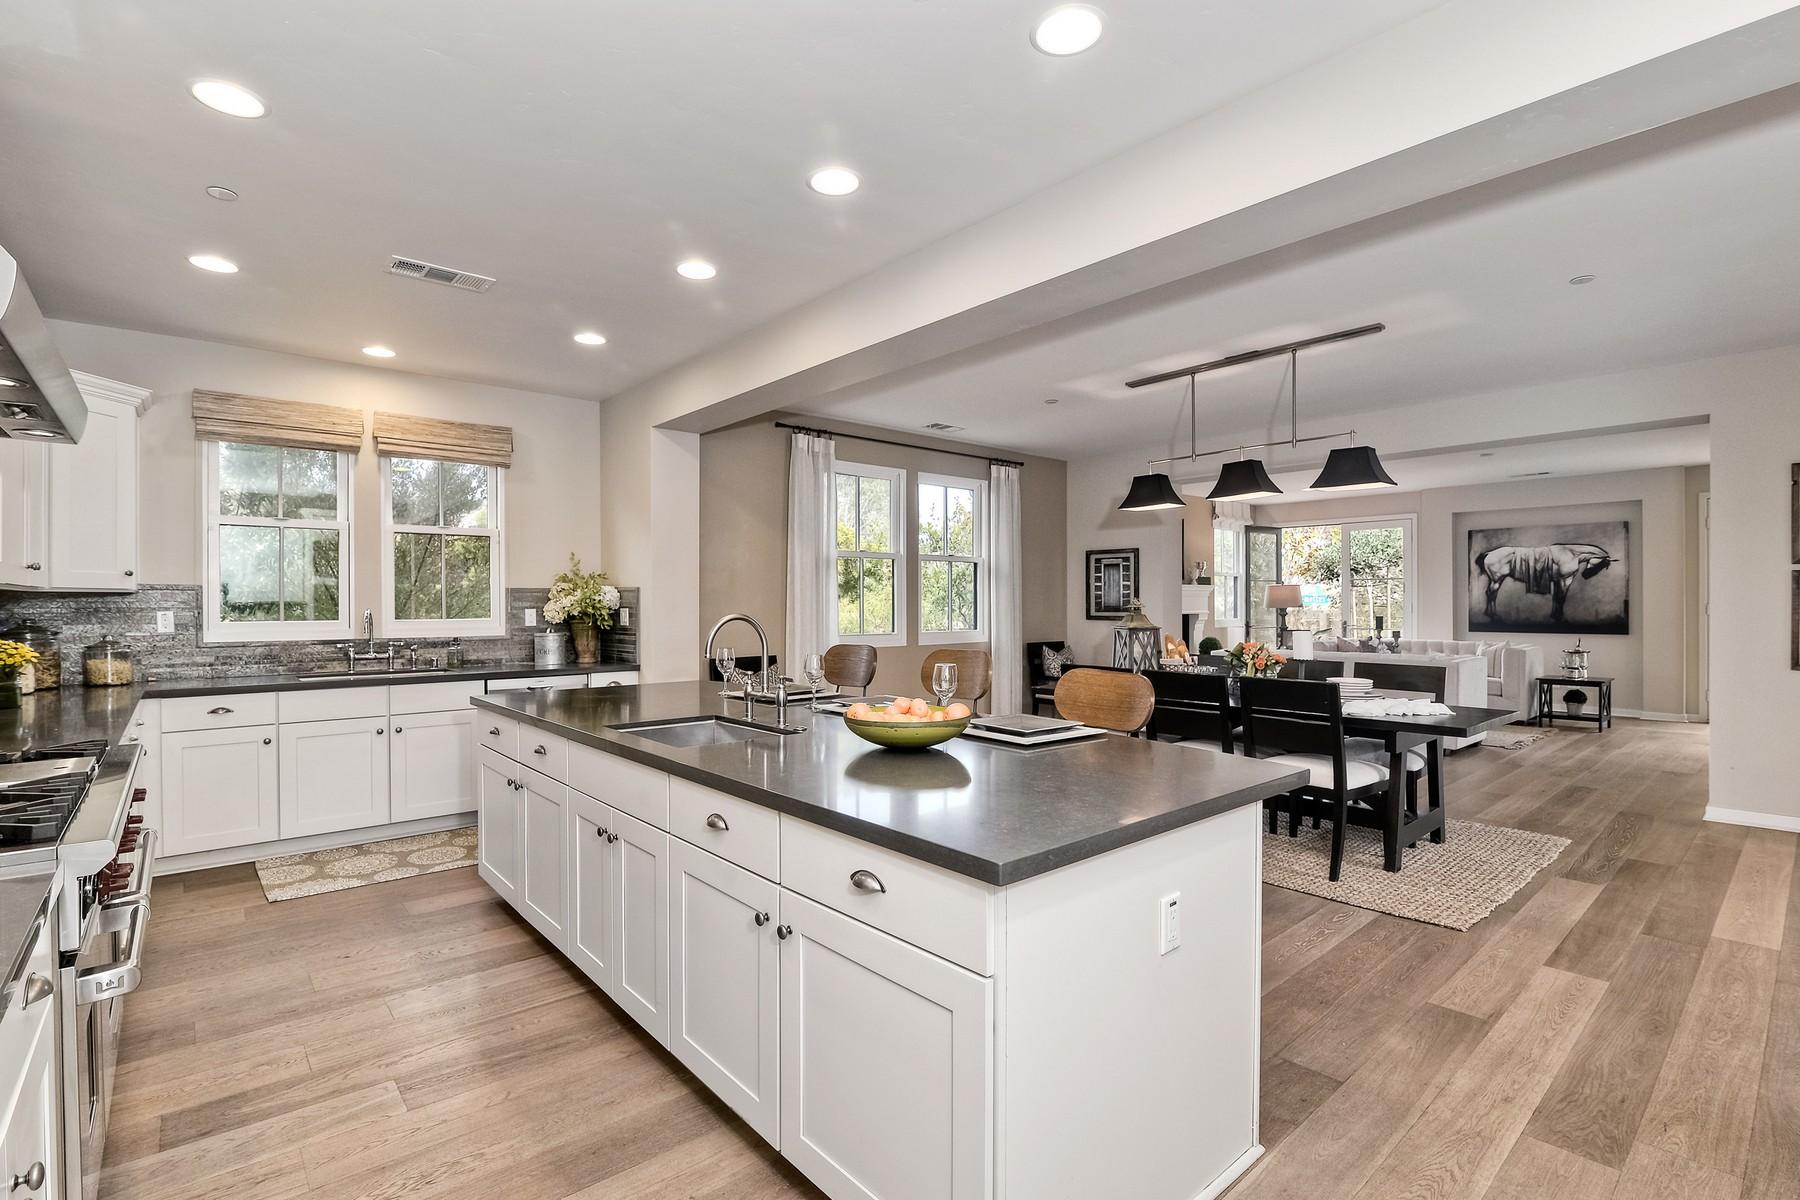 一戸建て のために 売買 アット 1497 Halia Court Encinitas, カリフォルニア, 92024 アメリカ合衆国